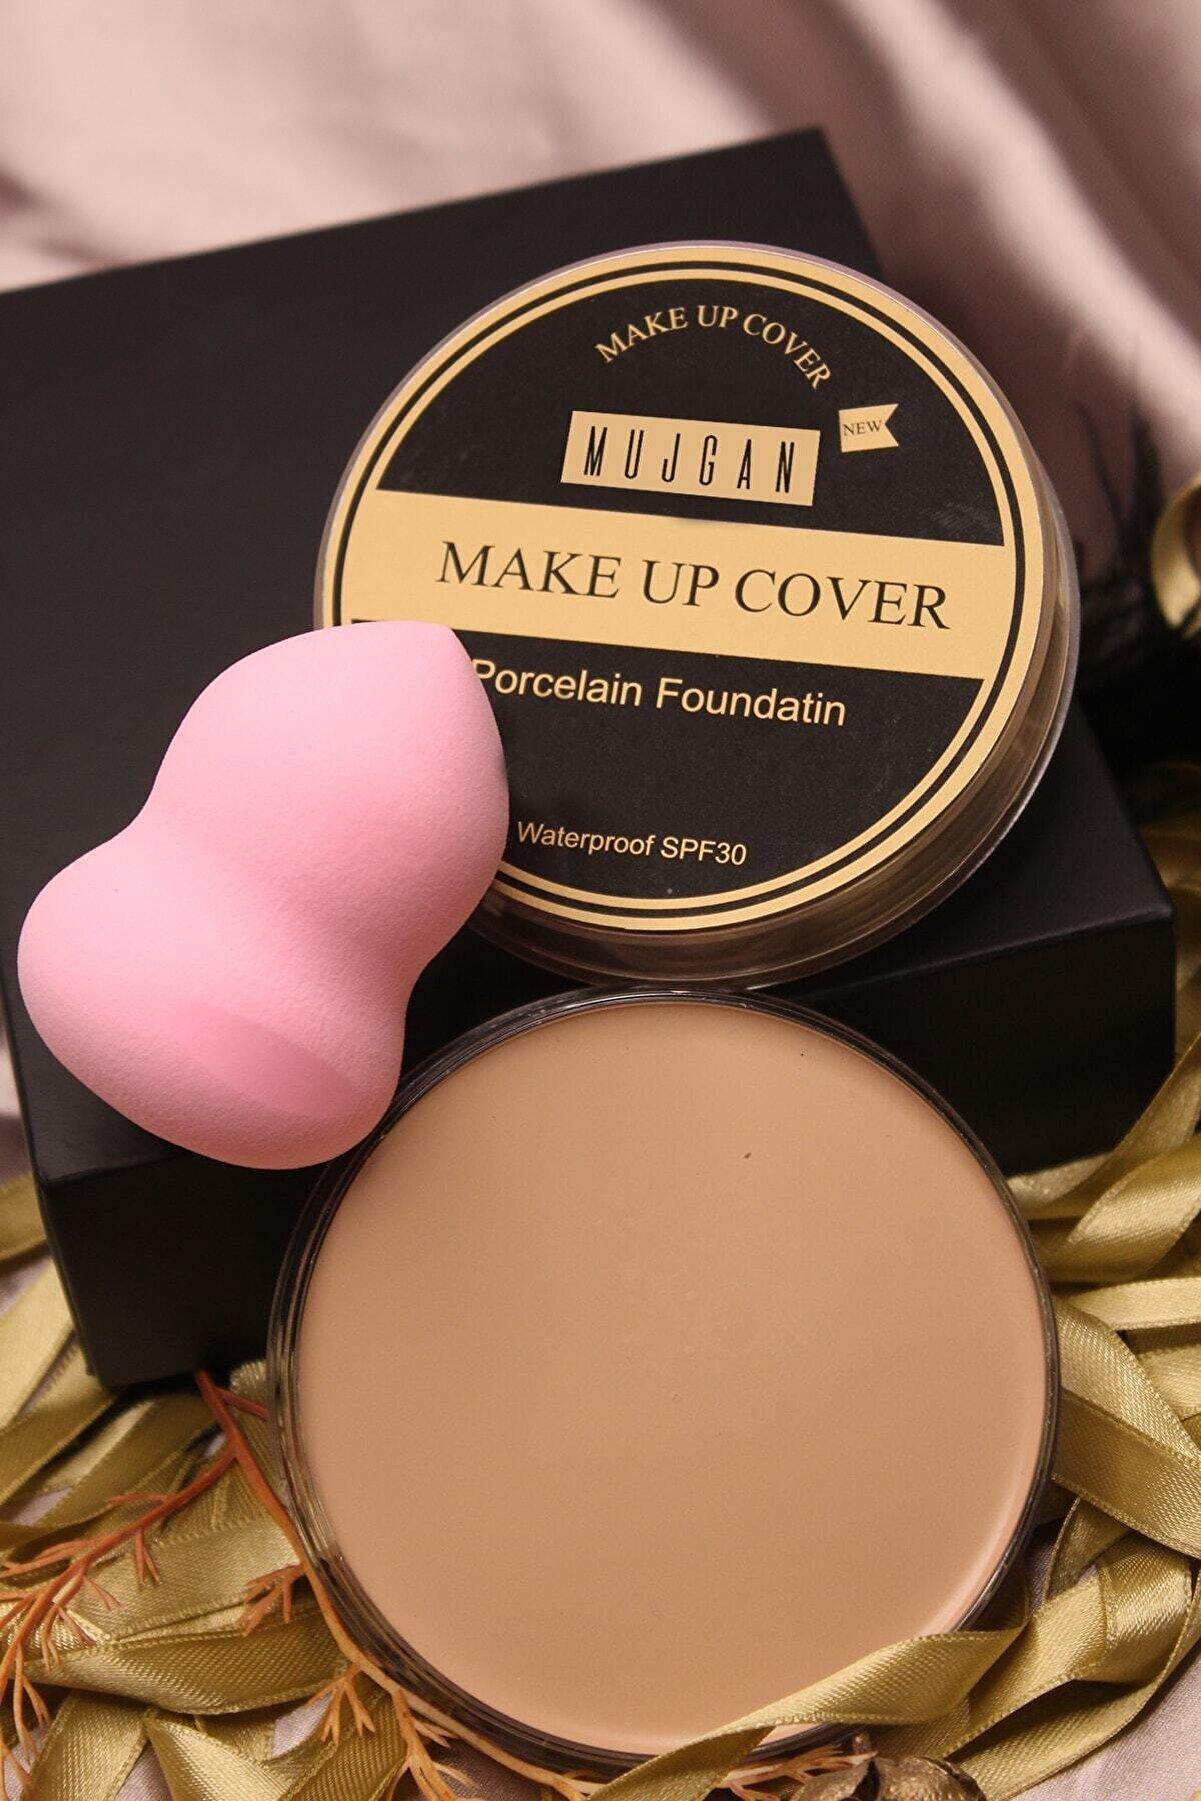 MUJGAN Makeup Cover Kapatıcı 209 (BEYAZ TEN) Tekli Armut Sünger